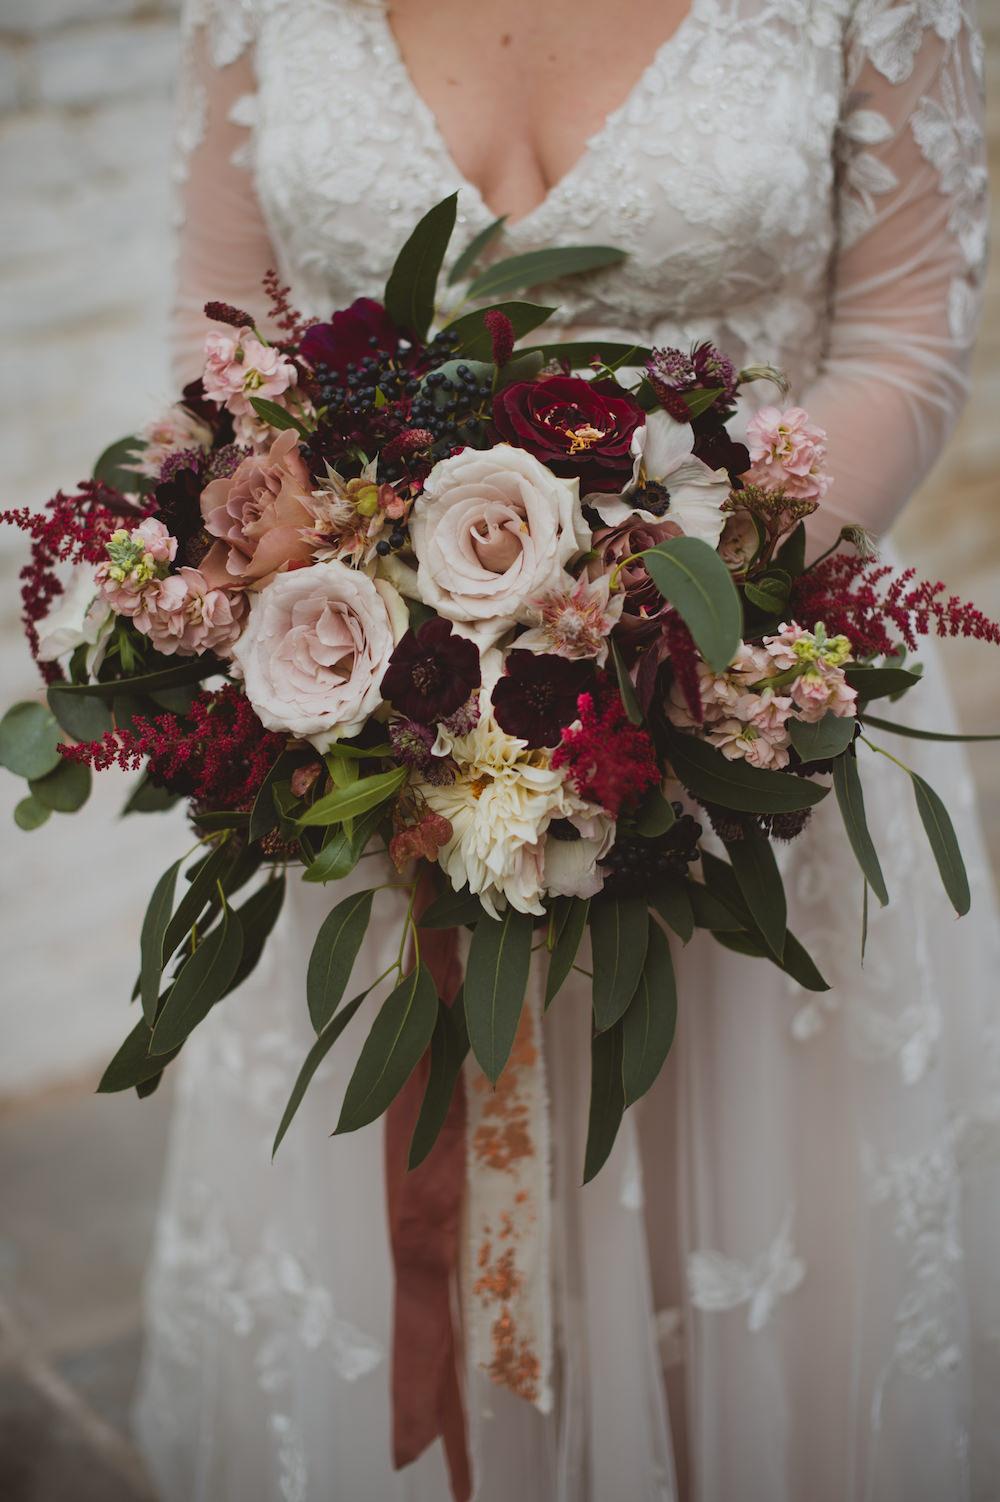 Bouquet Flowers Bride Bridal Blush Burgundy Rose Astilbe Cosmos Ribbon Garthmyl Hall Wedding Sasha Weddings